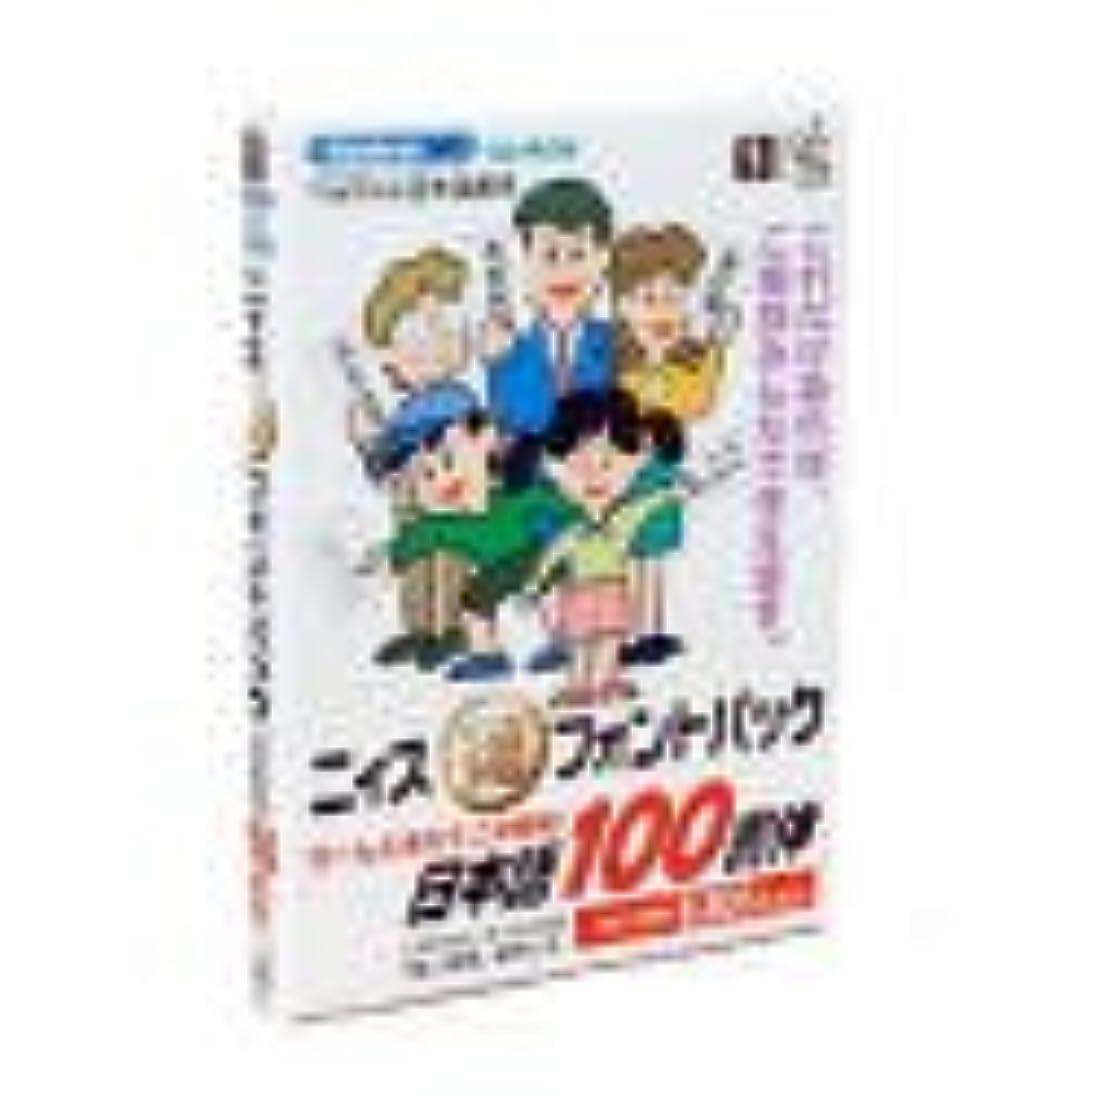 里親オーラルスカイニィス 丸徳フォントパック 日本語100書体 Windows対応 TrueType日本語書体